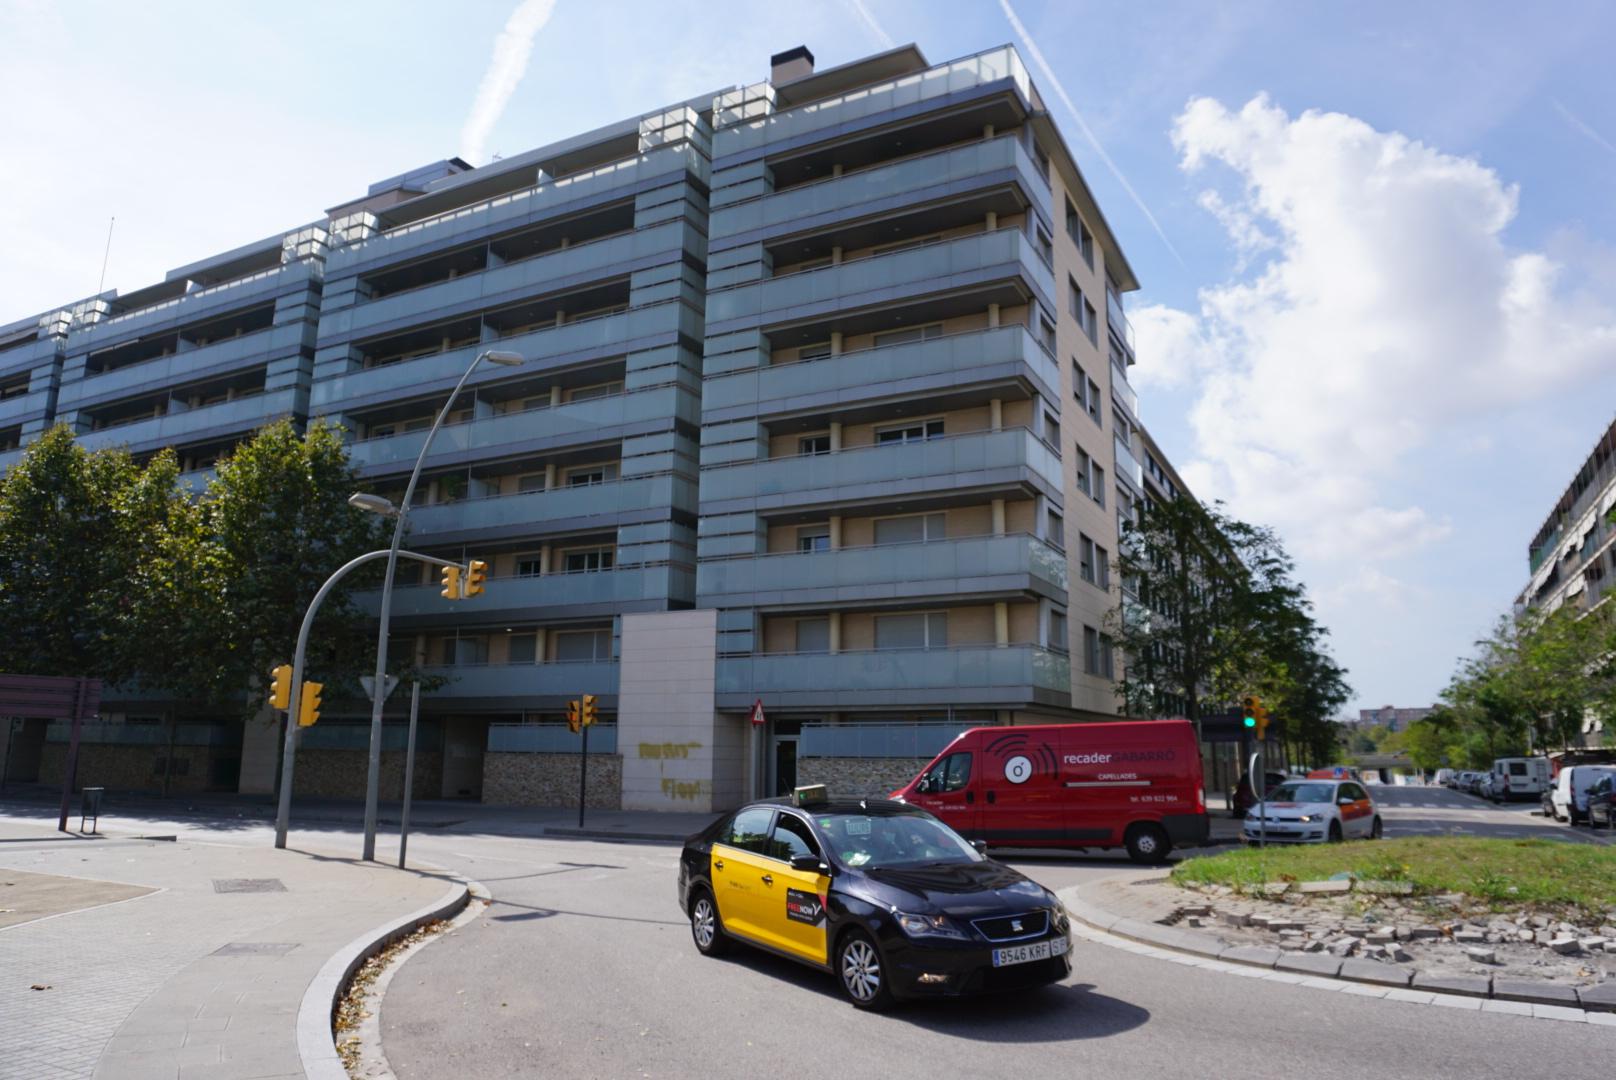 El bloc d'habitatges que acumula 22 pisos turístics, al barri de la Catalana, a Sant Adrià de Besòs / JR